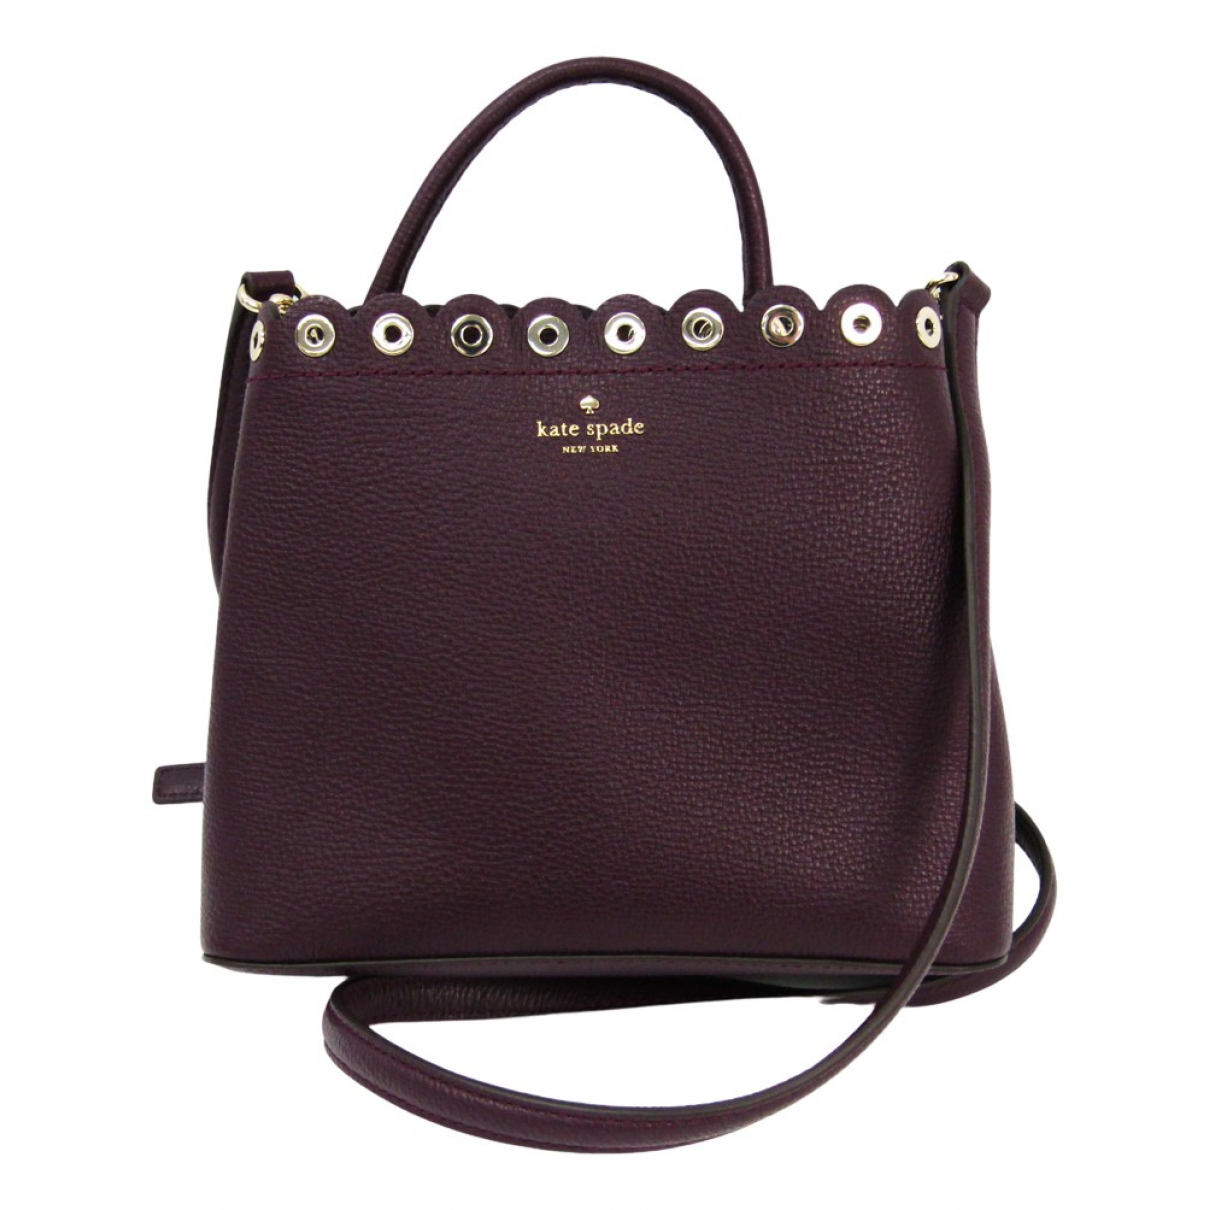 Kate Spade N Purple Leather handbag for Women N